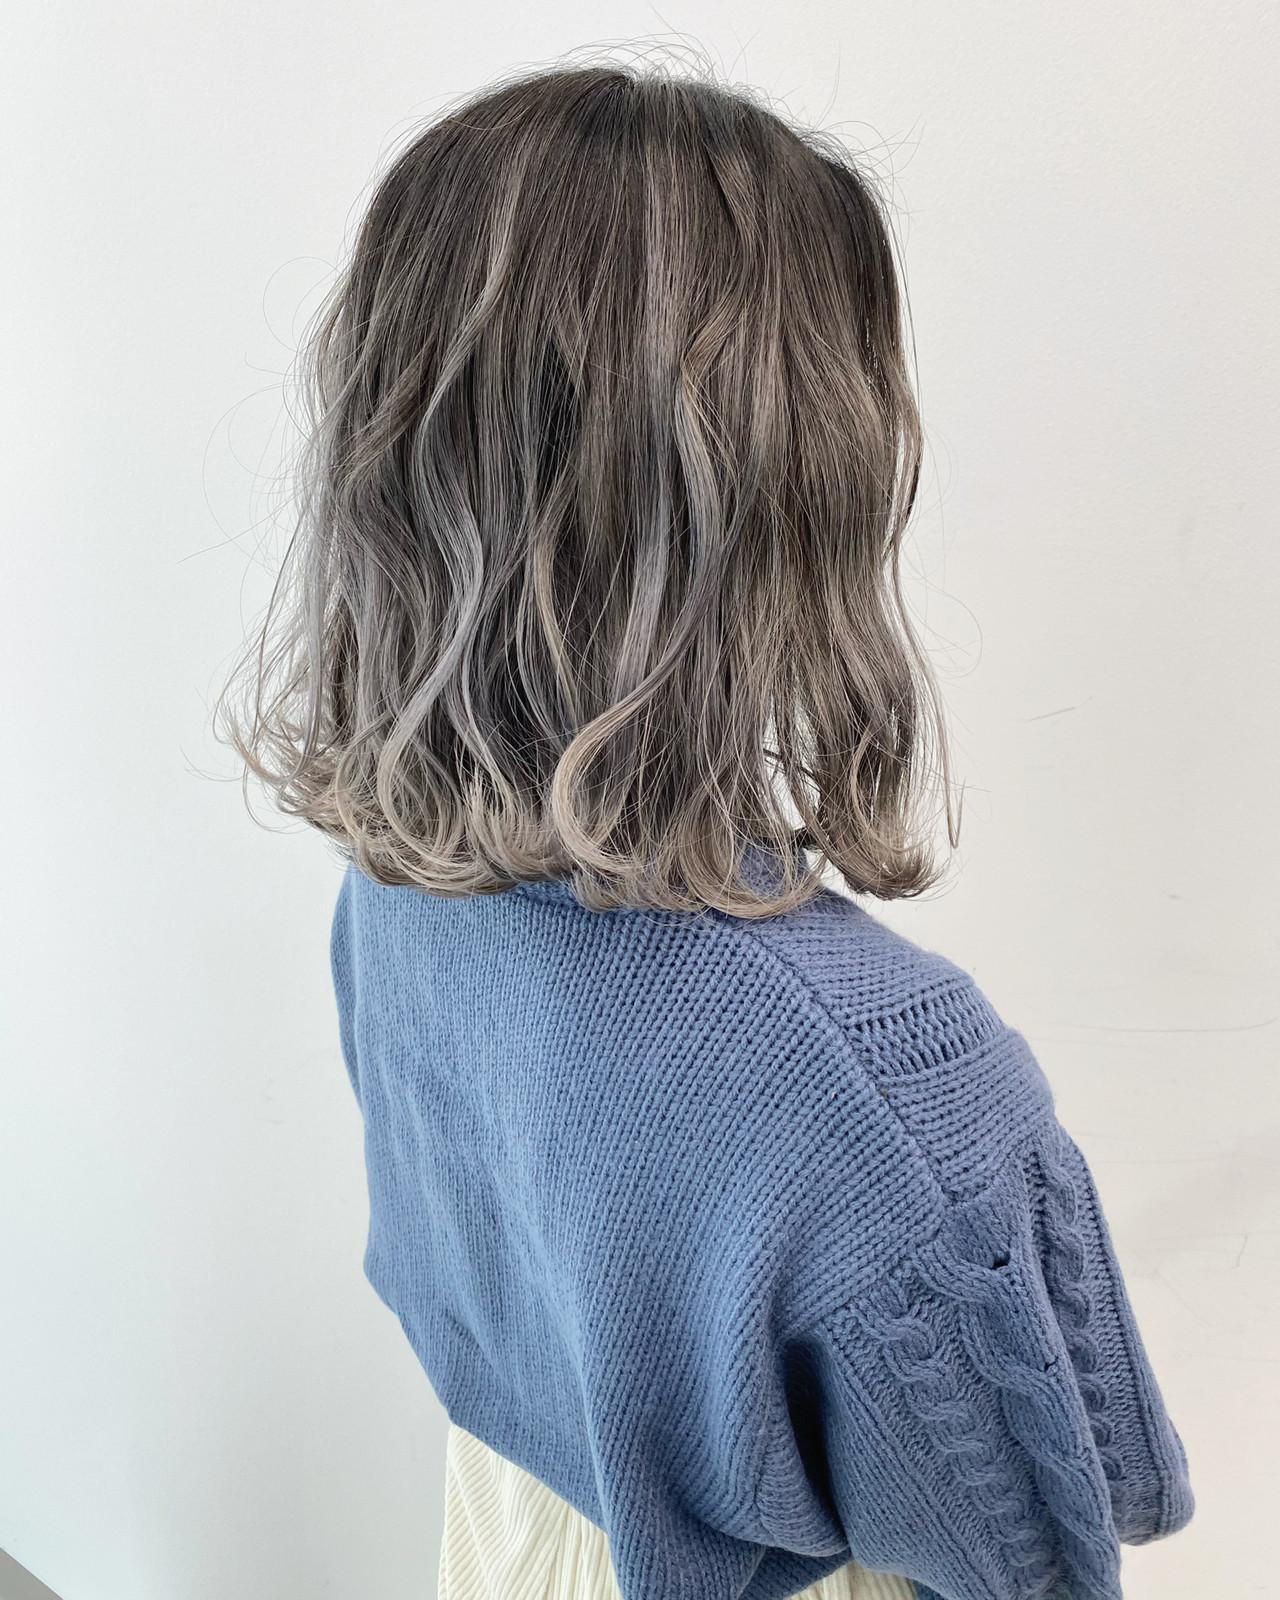 バレイヤージュ ストリート グレージュ ミディアム ヘアスタイルや髪型の写真・画像